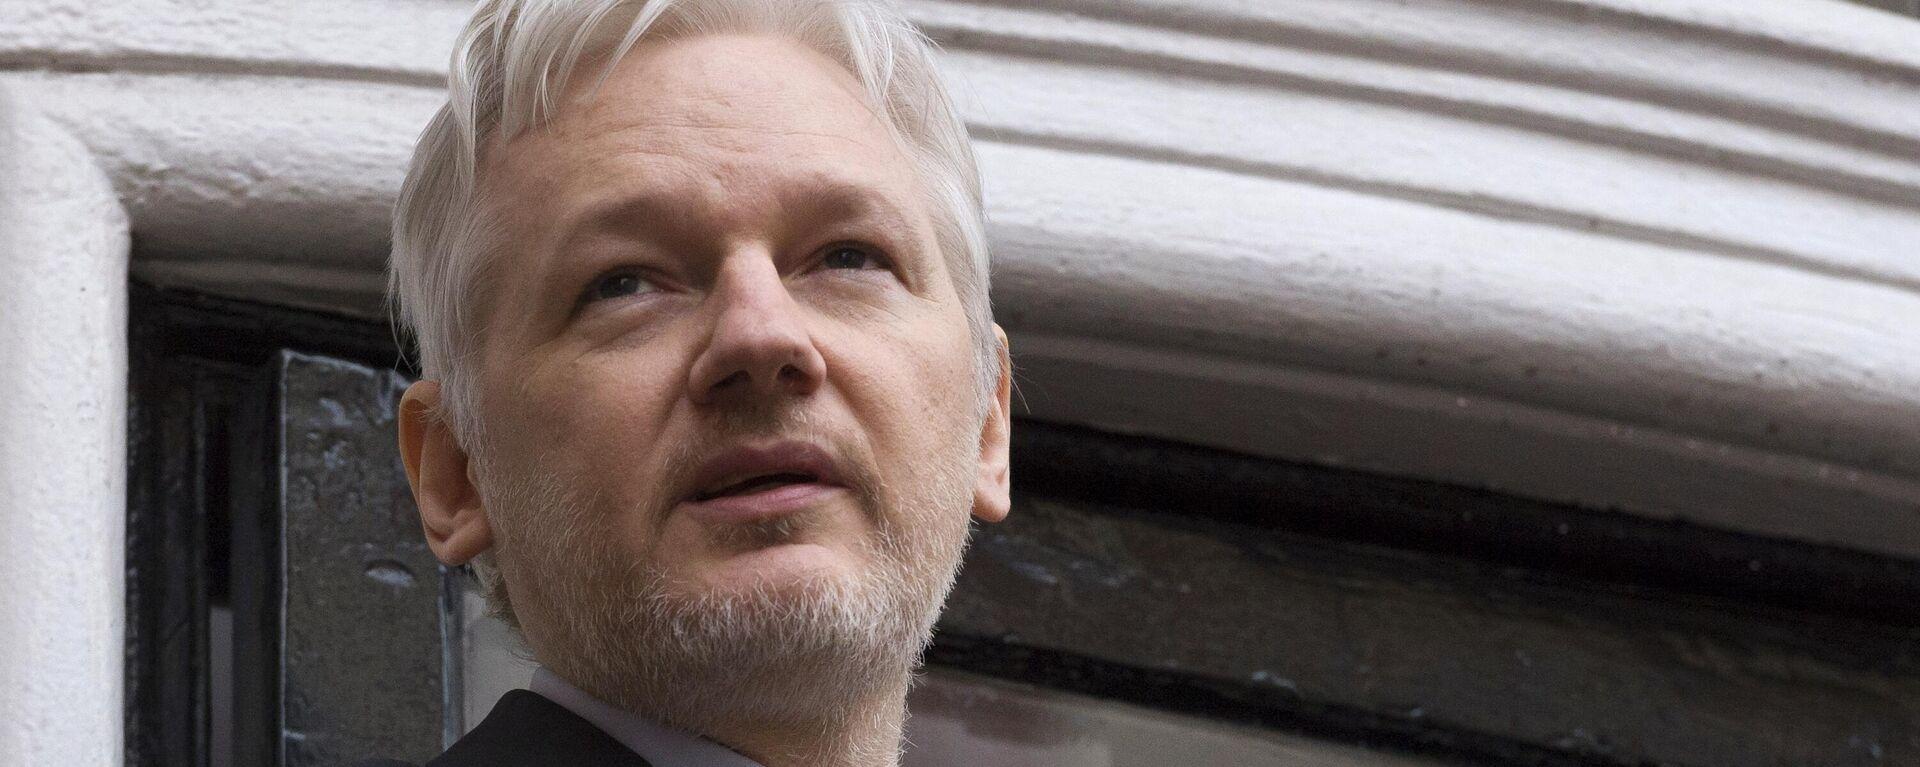 Julian Assange - SNA, 1920, 12.07.2021